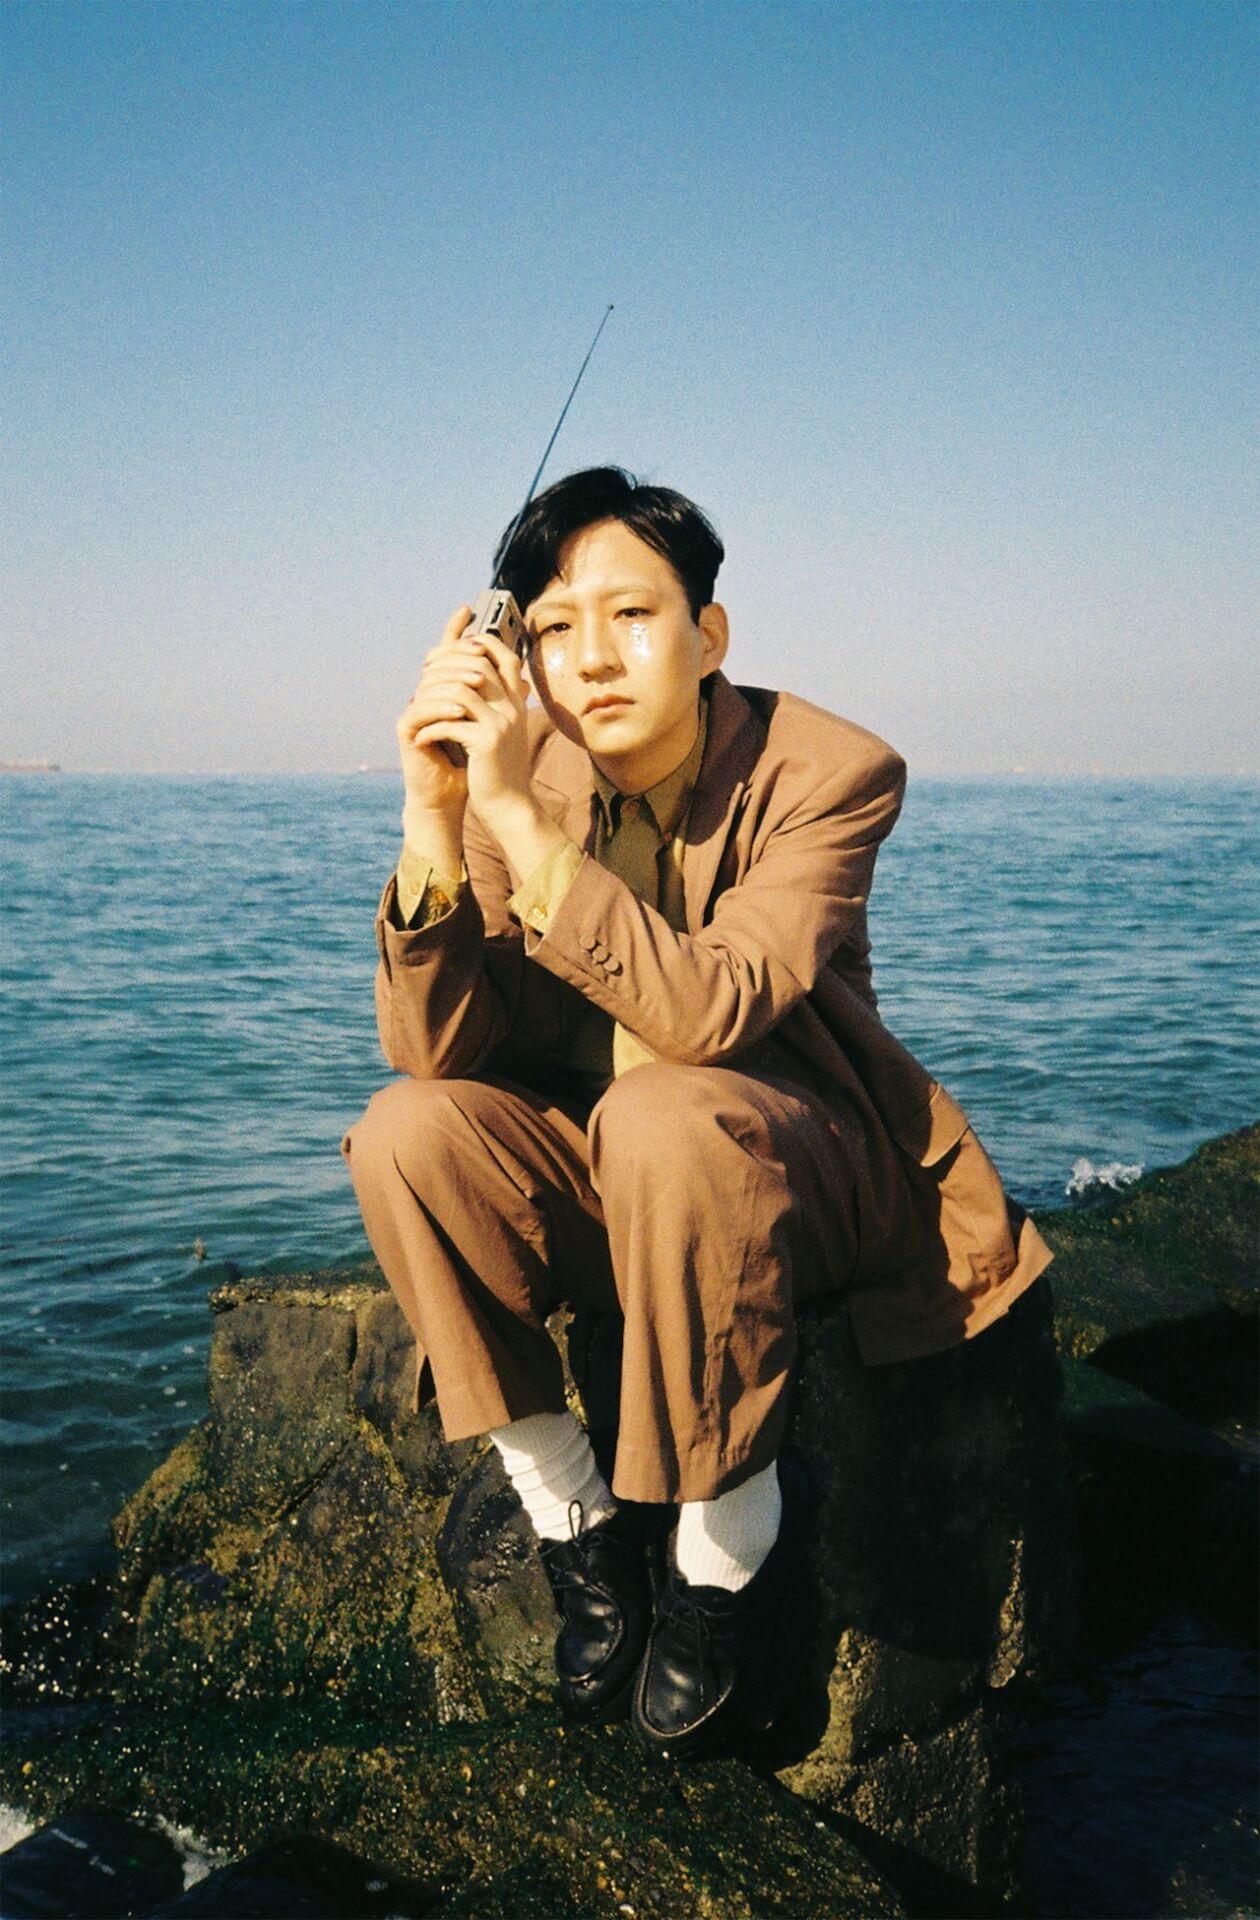 井手健介と母船、石原洋のサウンド・プロデュースによる5年ぶりの新作トレイラーが公開 特設ページには坂本慎太郎らが寄稿 music200419-idekensuke-1